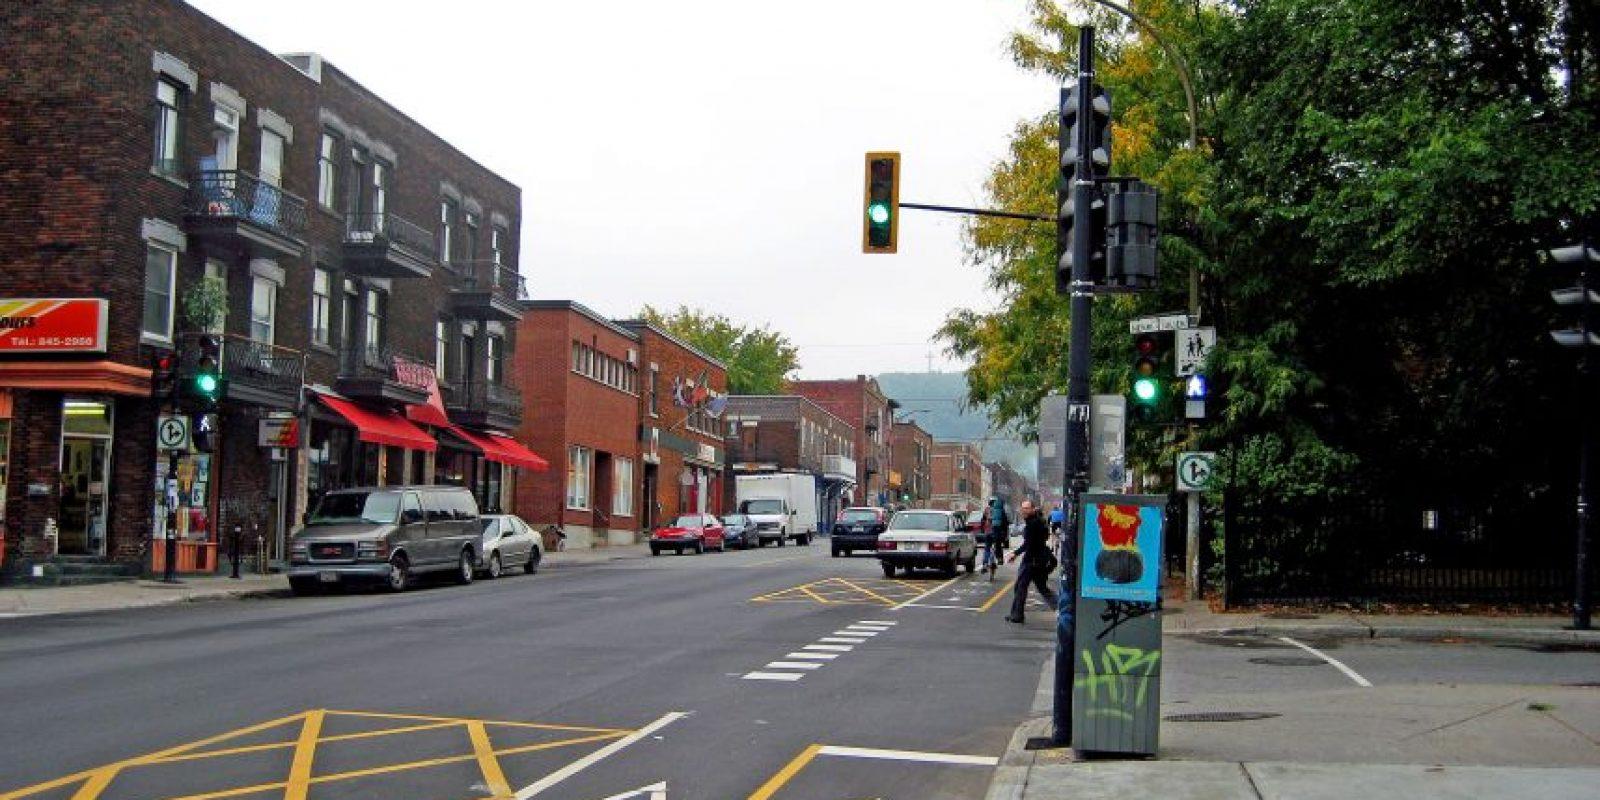 Montreal también se suma a la onda de los bicicarriles usando infraestructura construida para automóviles Foto:Tomada de utne.com